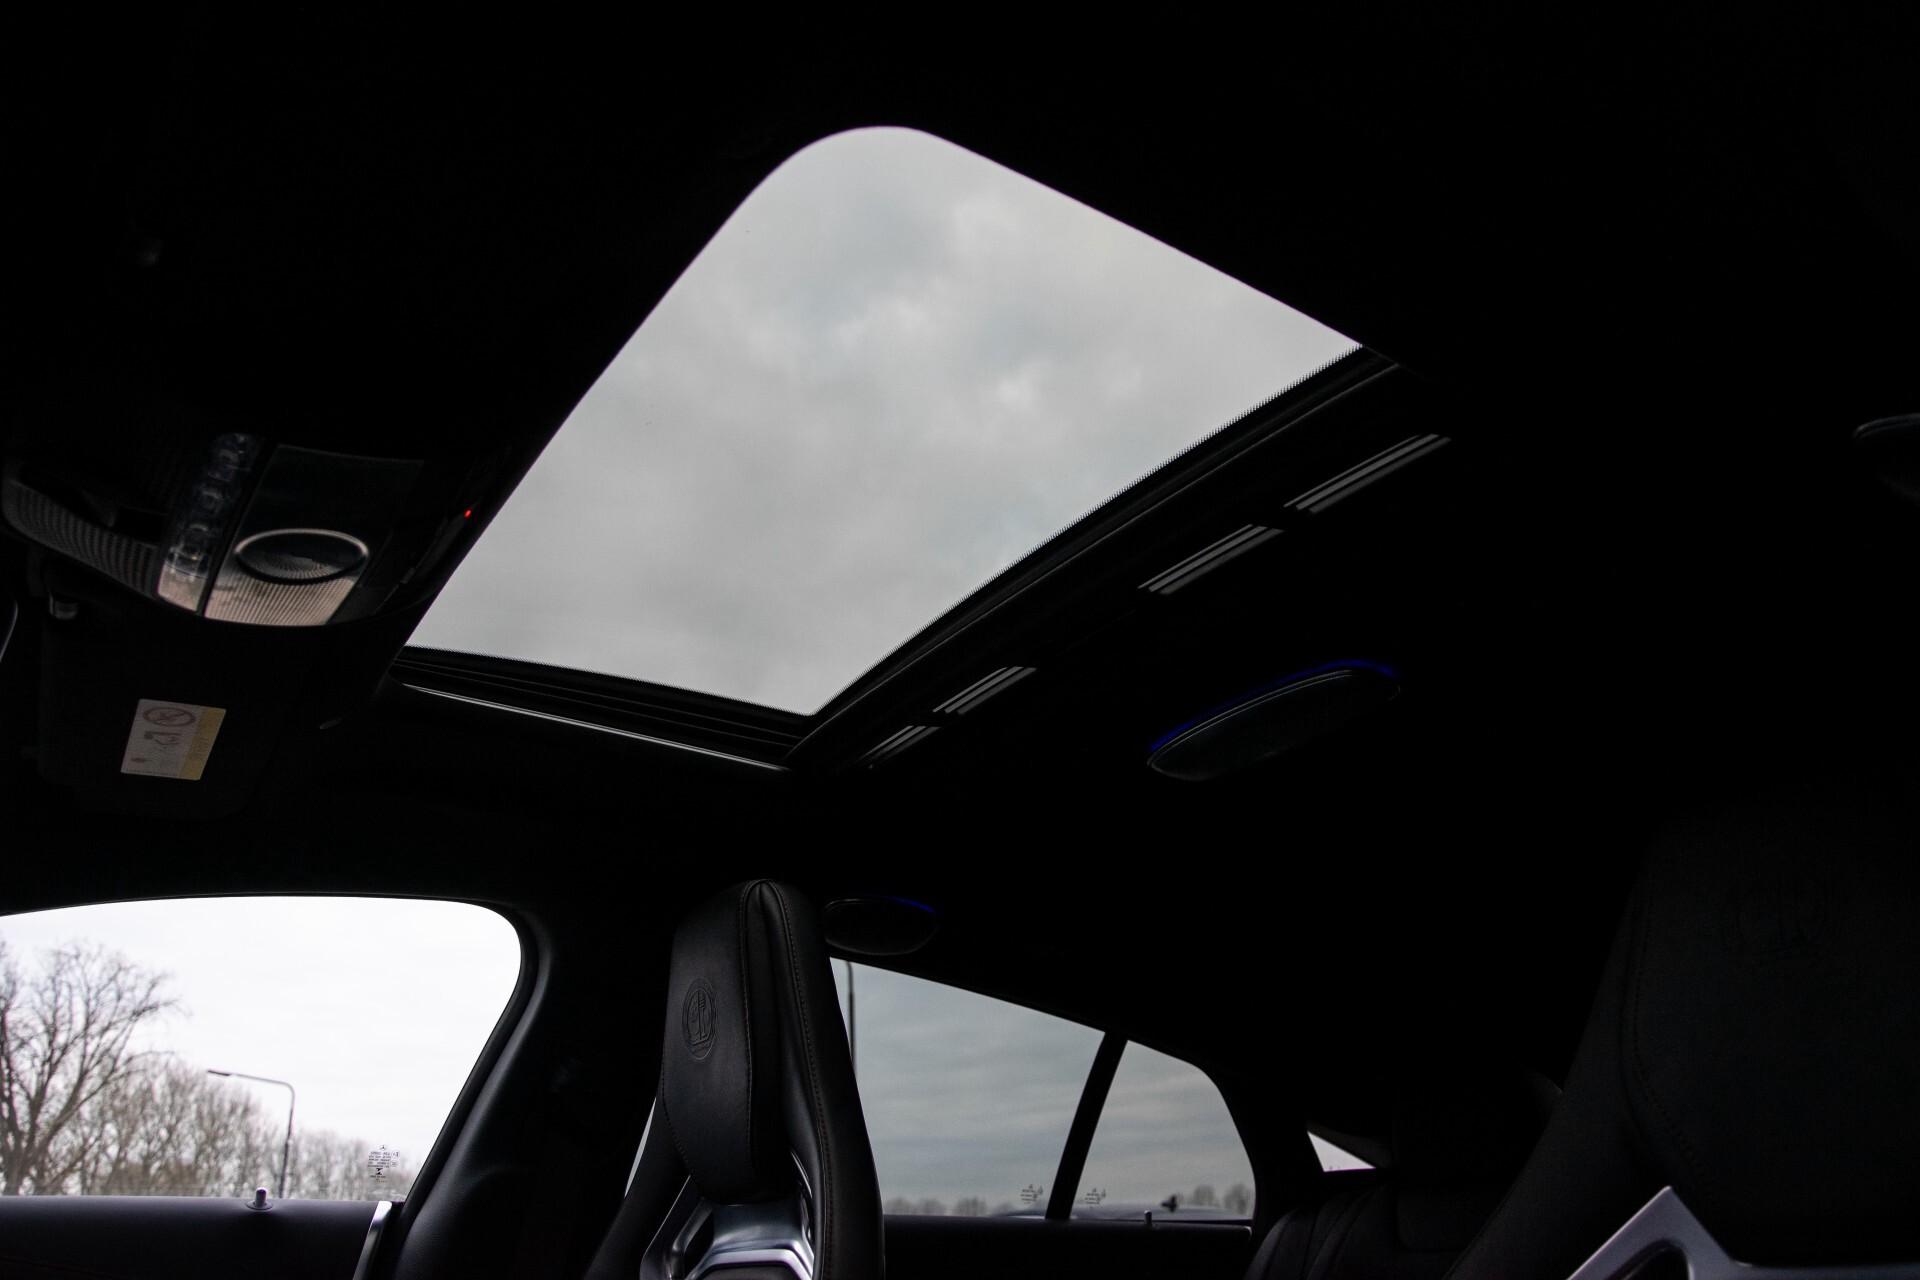 Mercedes-Benz AMG GT 4-Door Coupe 63 S 4M+ Keramisch/Full Carbon/Aerodynamica/Burmester 3D/TV/Performance stoelen/Standkachel Aut9 Foto 65